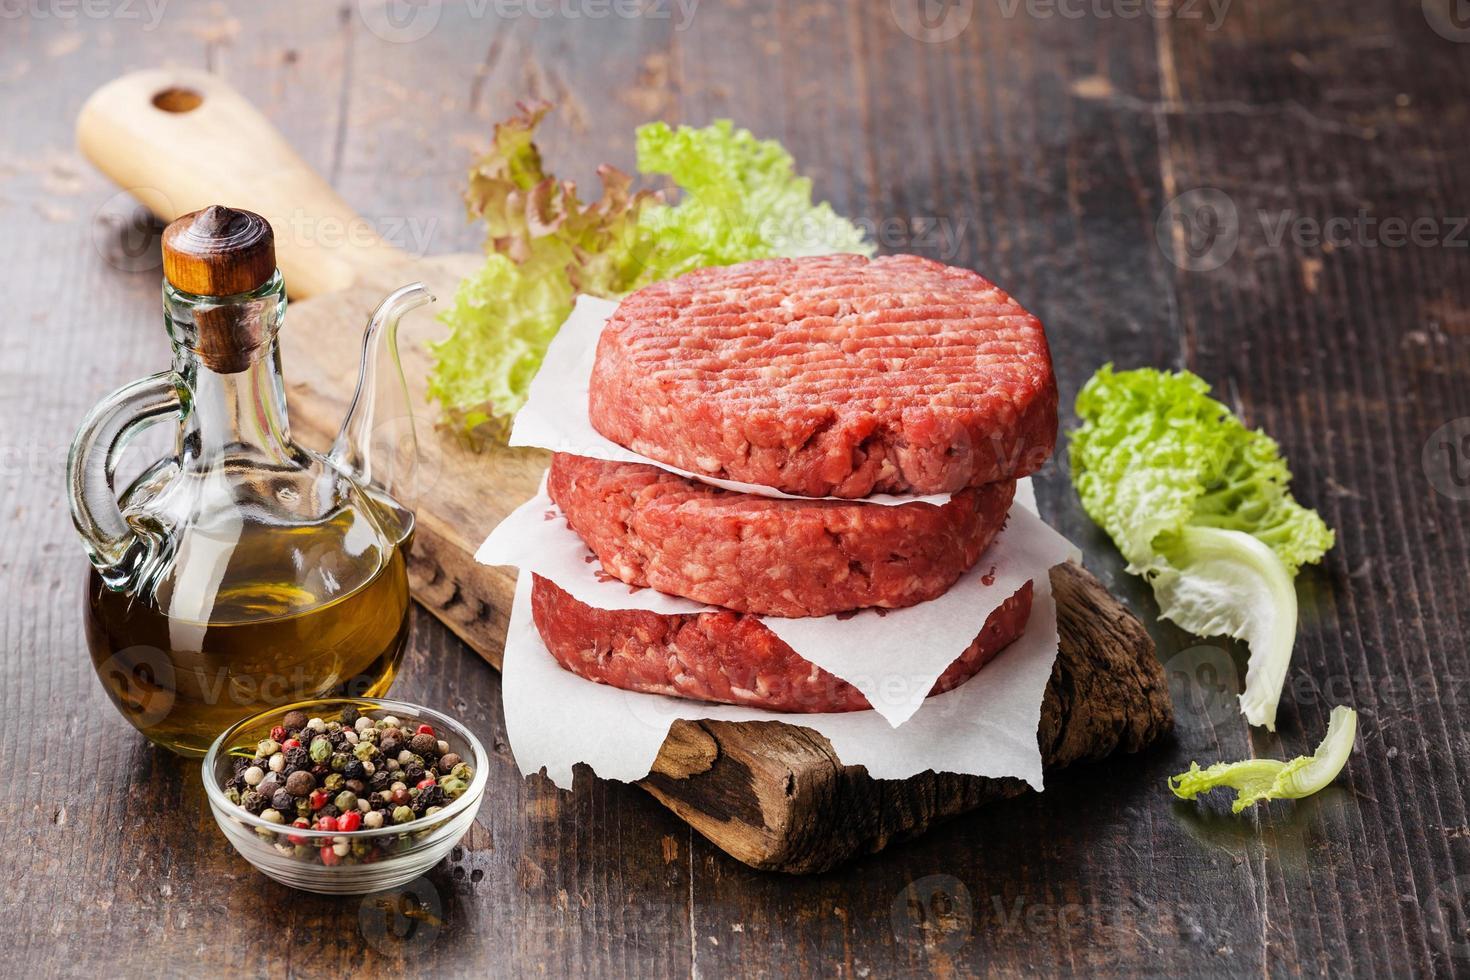 ein Stapel Hamburger vom rohen Rindfleisch auf einem Schneidebrett foto